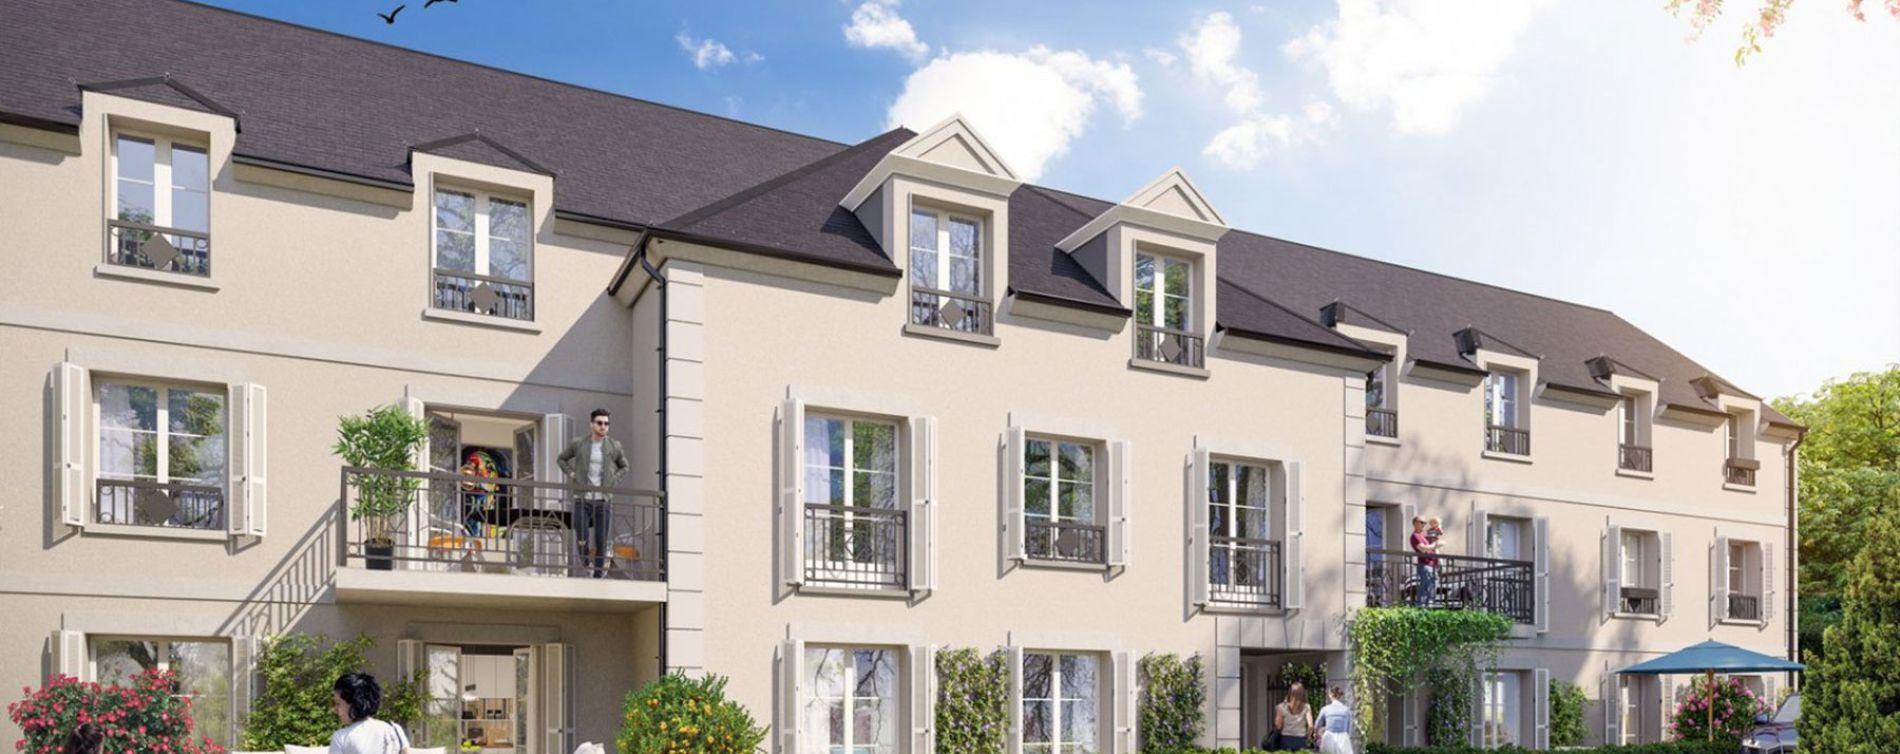 Pont-Sainte-Maxence : programme immobilier neuve « La Jonquoire »